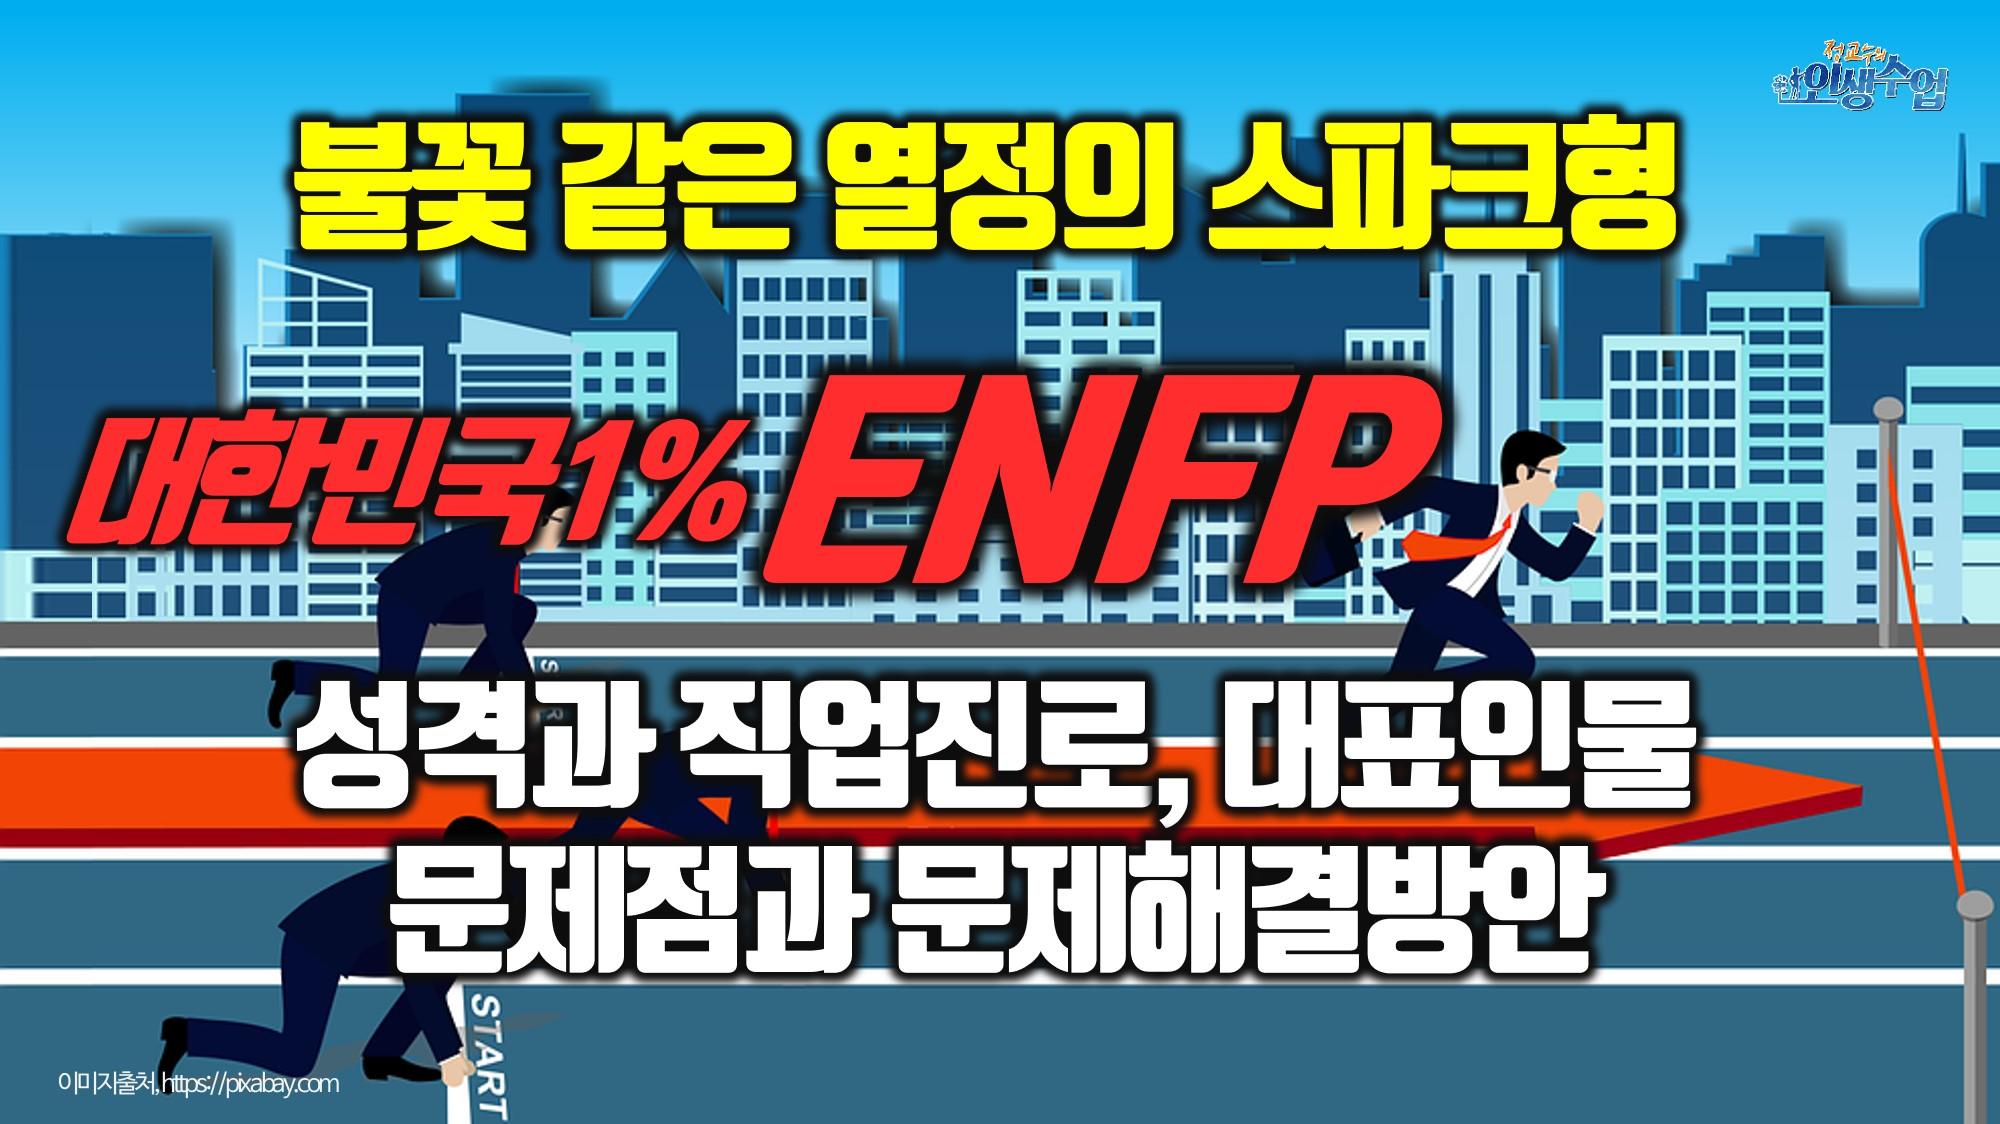 불꽃같은 열정의 스파크형 대한민국 1% ENFP유형의 성격과 직업진로, 대표인물, 문제점과 문제해결방안(MBTI유형이해)